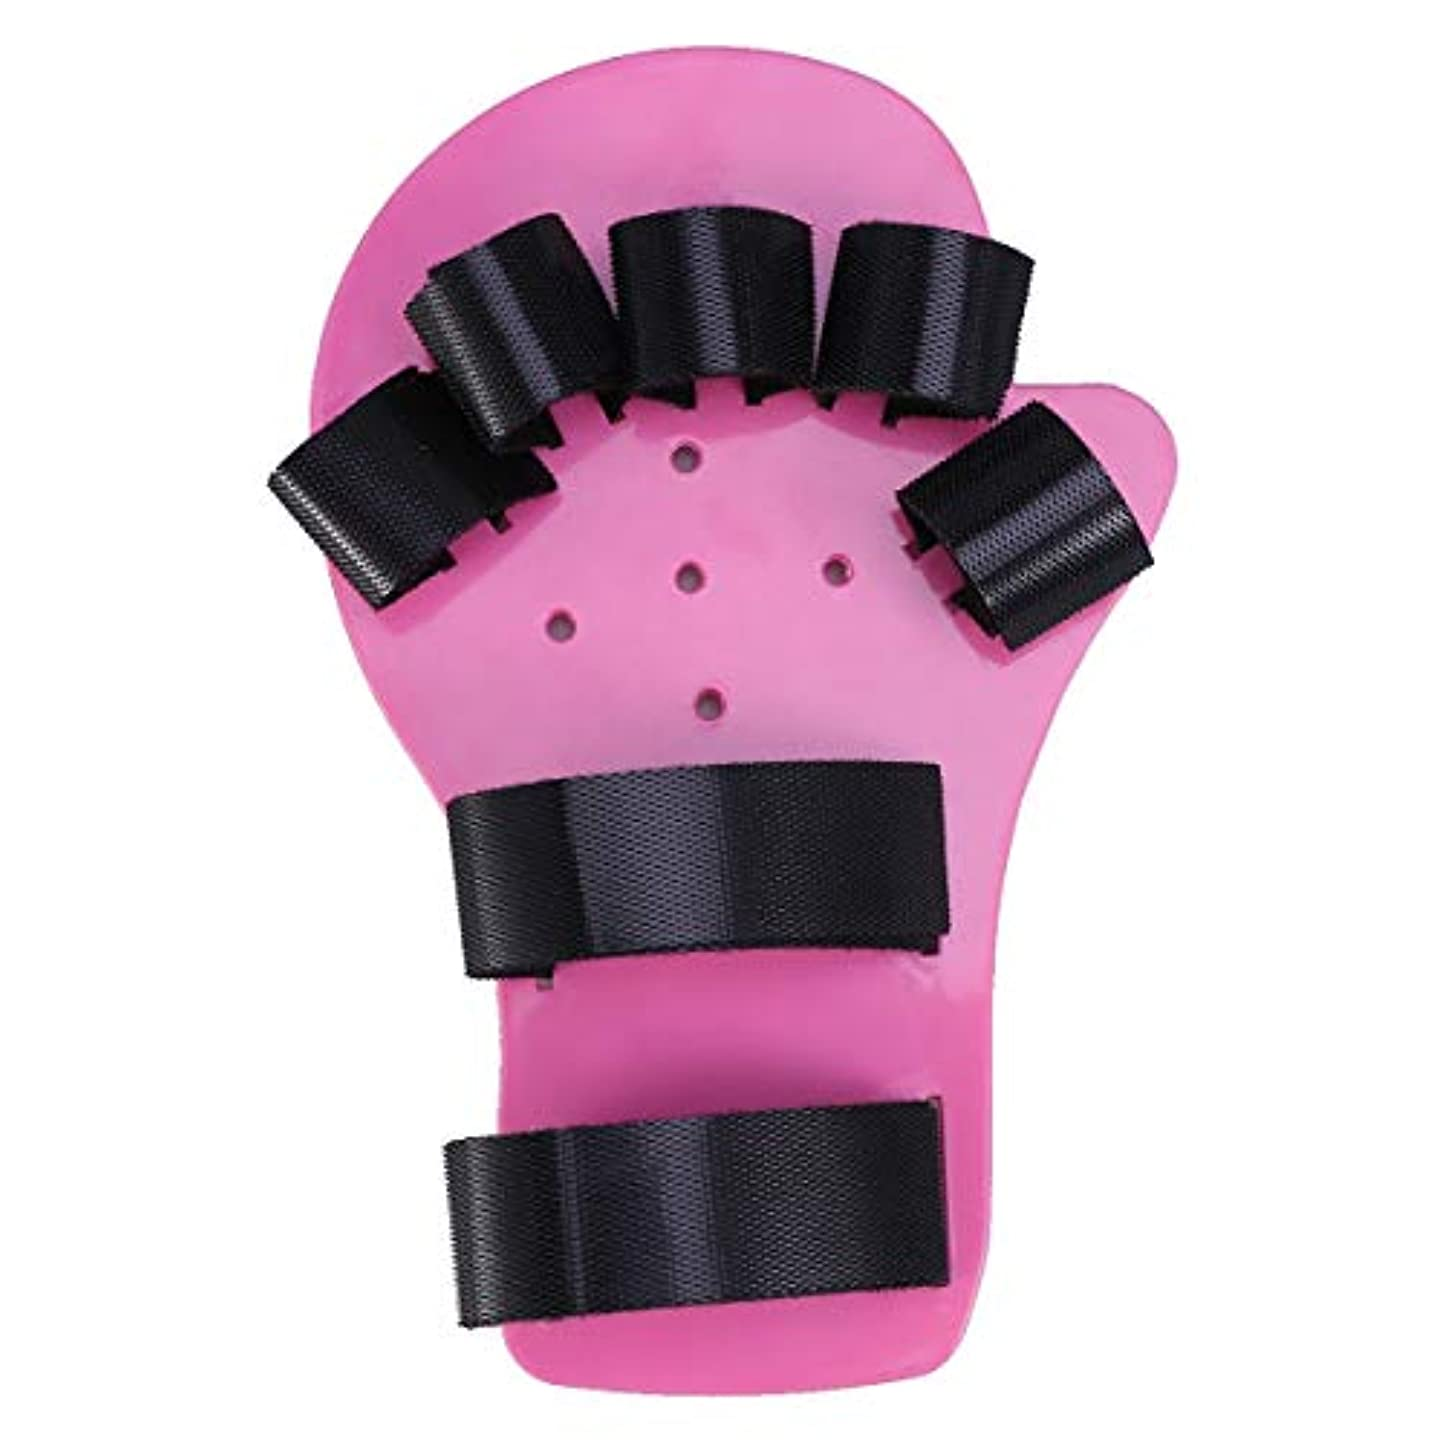 更新する引き金シェアHealifty 指矯正指板ストロークハンドスプリントトレーニングサポート手首トレーニング装具子供用子供子供1-5歳(ロングスタイル、ピンク)